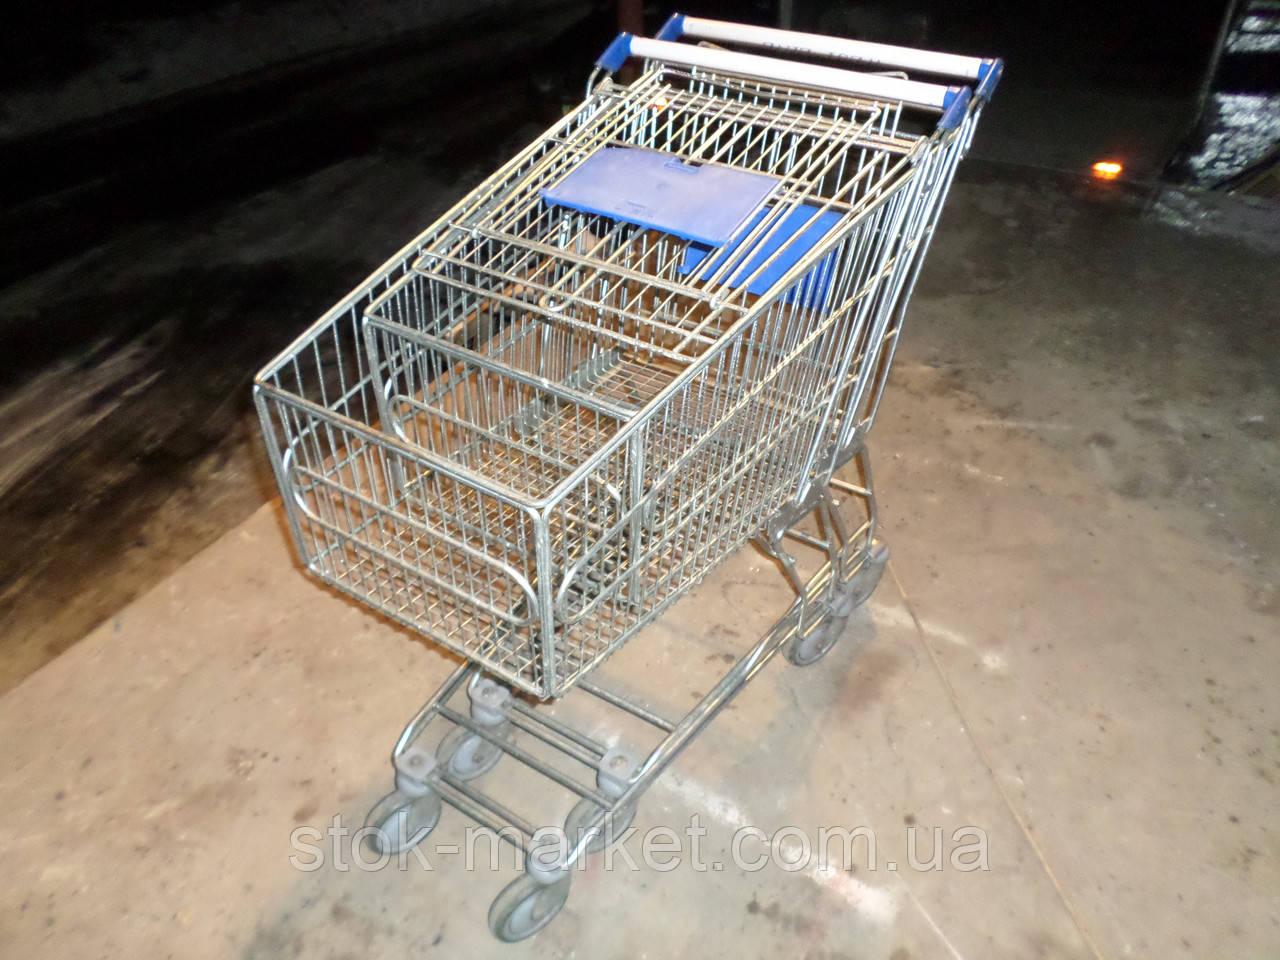 Торговые тележки 120 Л. бу, тележки для покупателей б у, тележки бу.